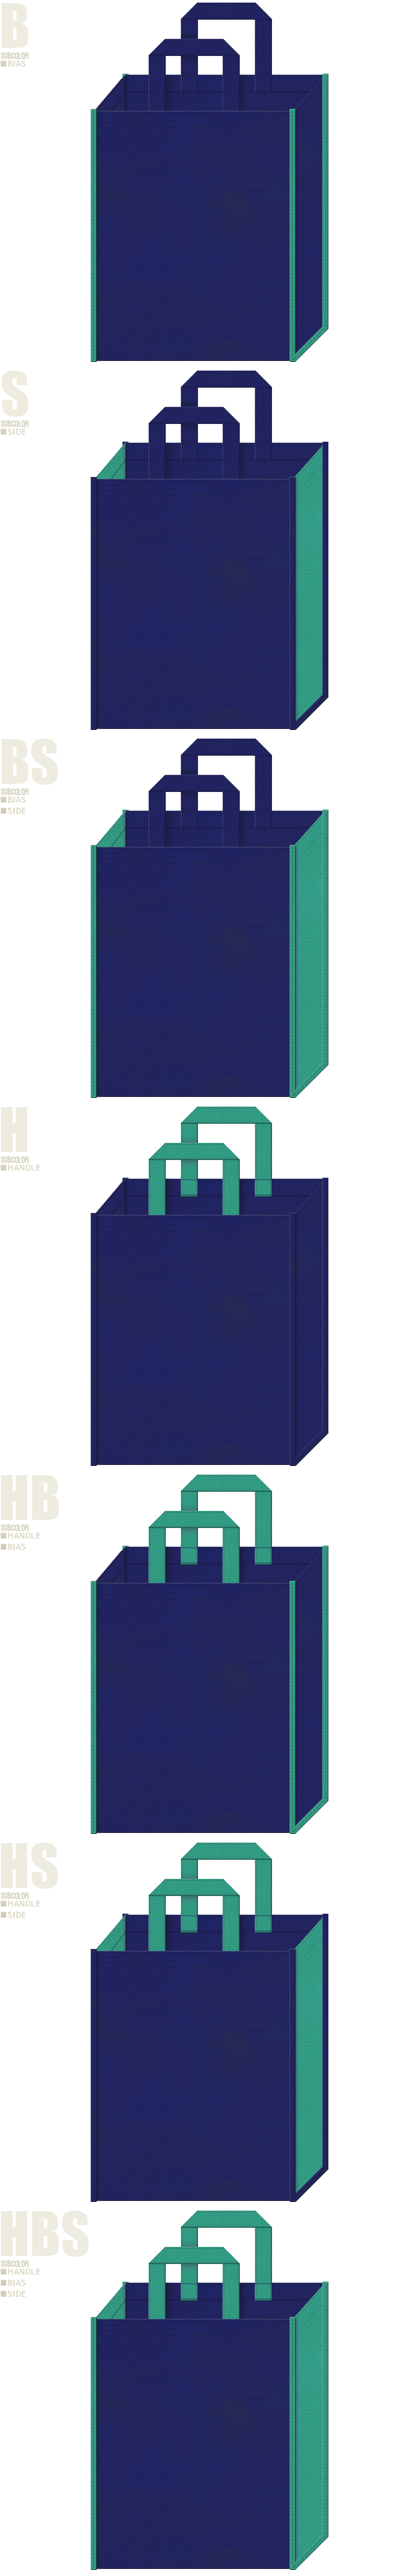 春夏・マリンルック・リーフ・ダイビング・釣具・ユニフォーム・運動靴・アウトドア・スポーツイベント・スポーティーファッション・スポーツ用品の展示会用バッグにお奨めの不織布バッグデザイン:明るい紺色と青緑色の配色7パターン